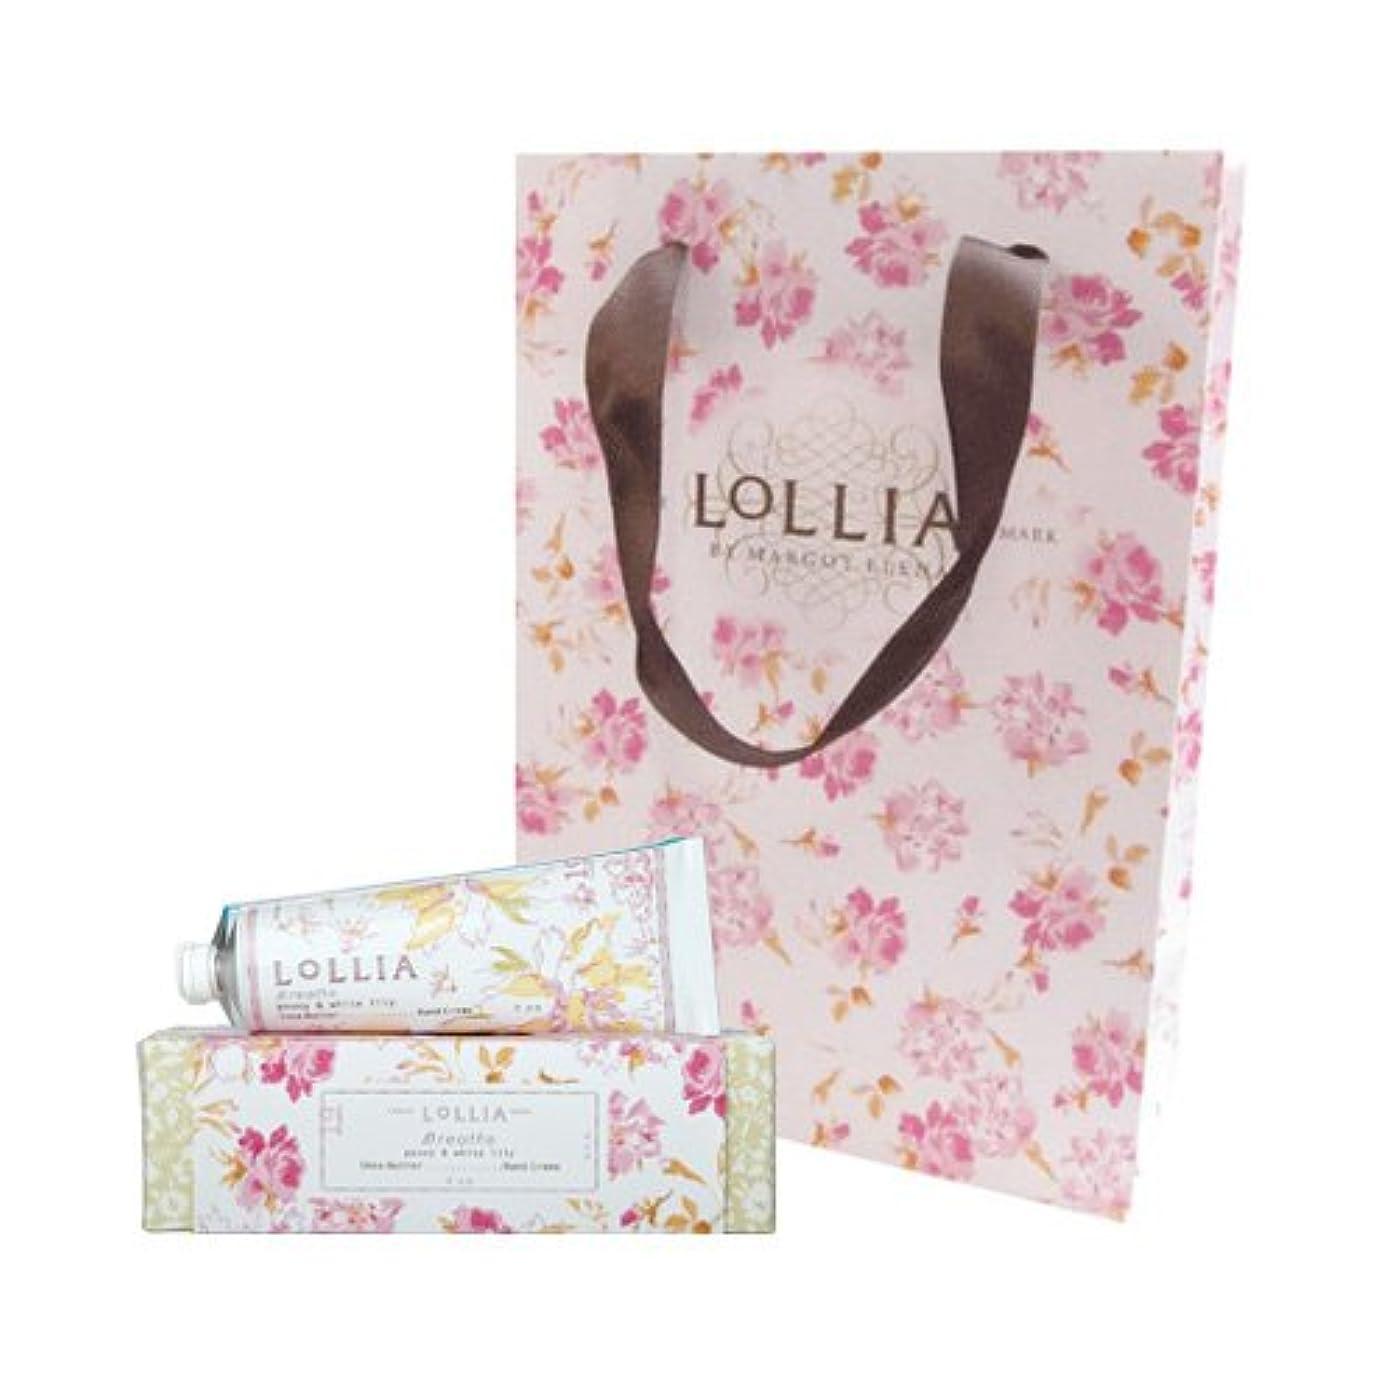 コンピューター爆弾突っ込むロリア(LoLLIA) ハンドクリーム Breath 35g (ピオニーとホワイトリリーの甘くさわやかな香り) ショッパー付